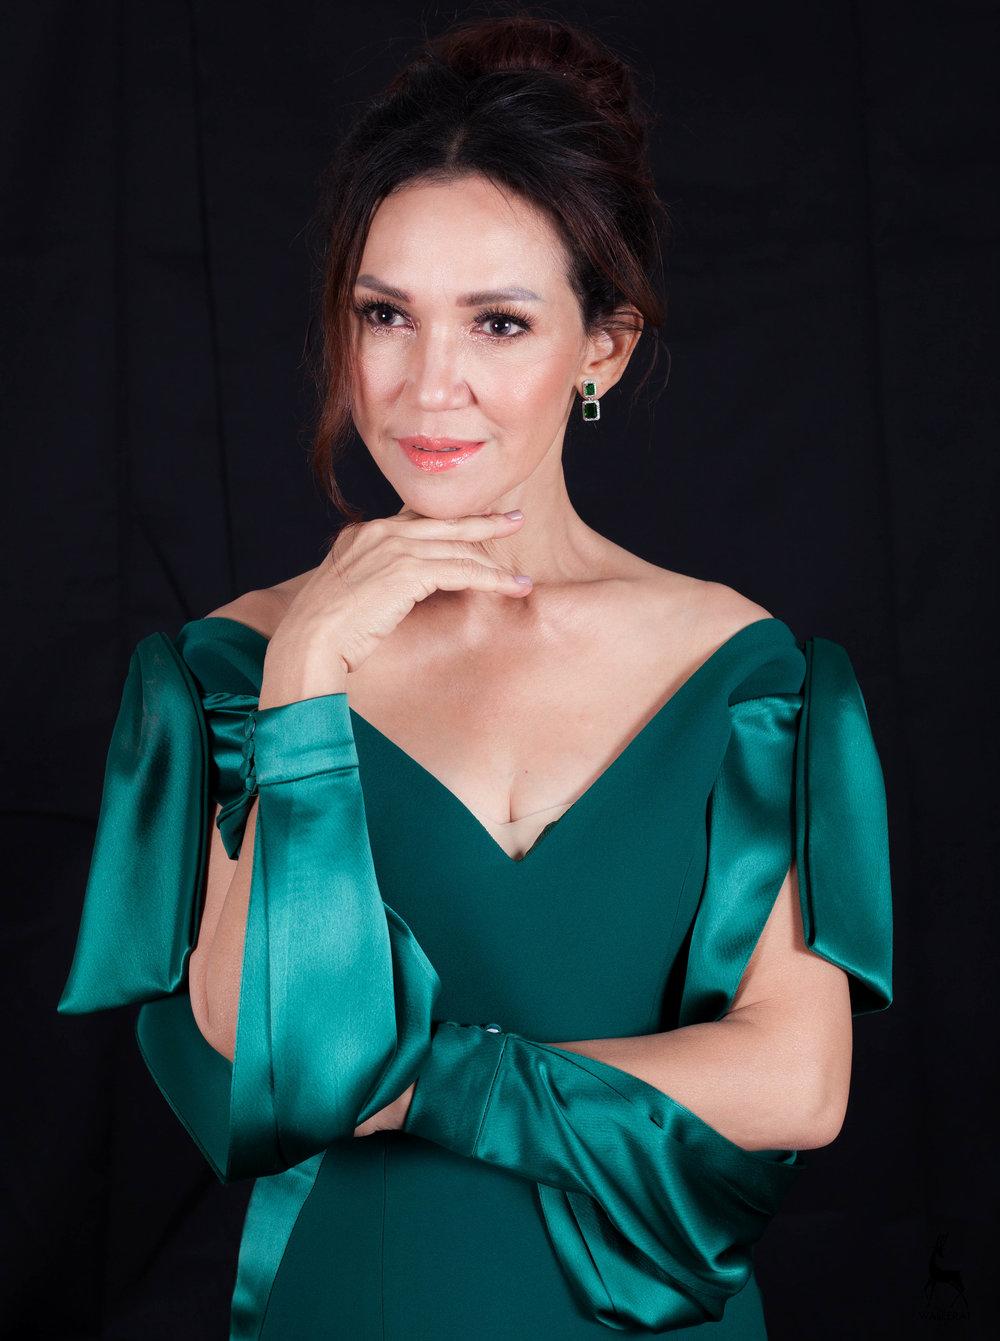 ดี้ ปัทมา ปานทอง ร้อยไหมมรกต emerald